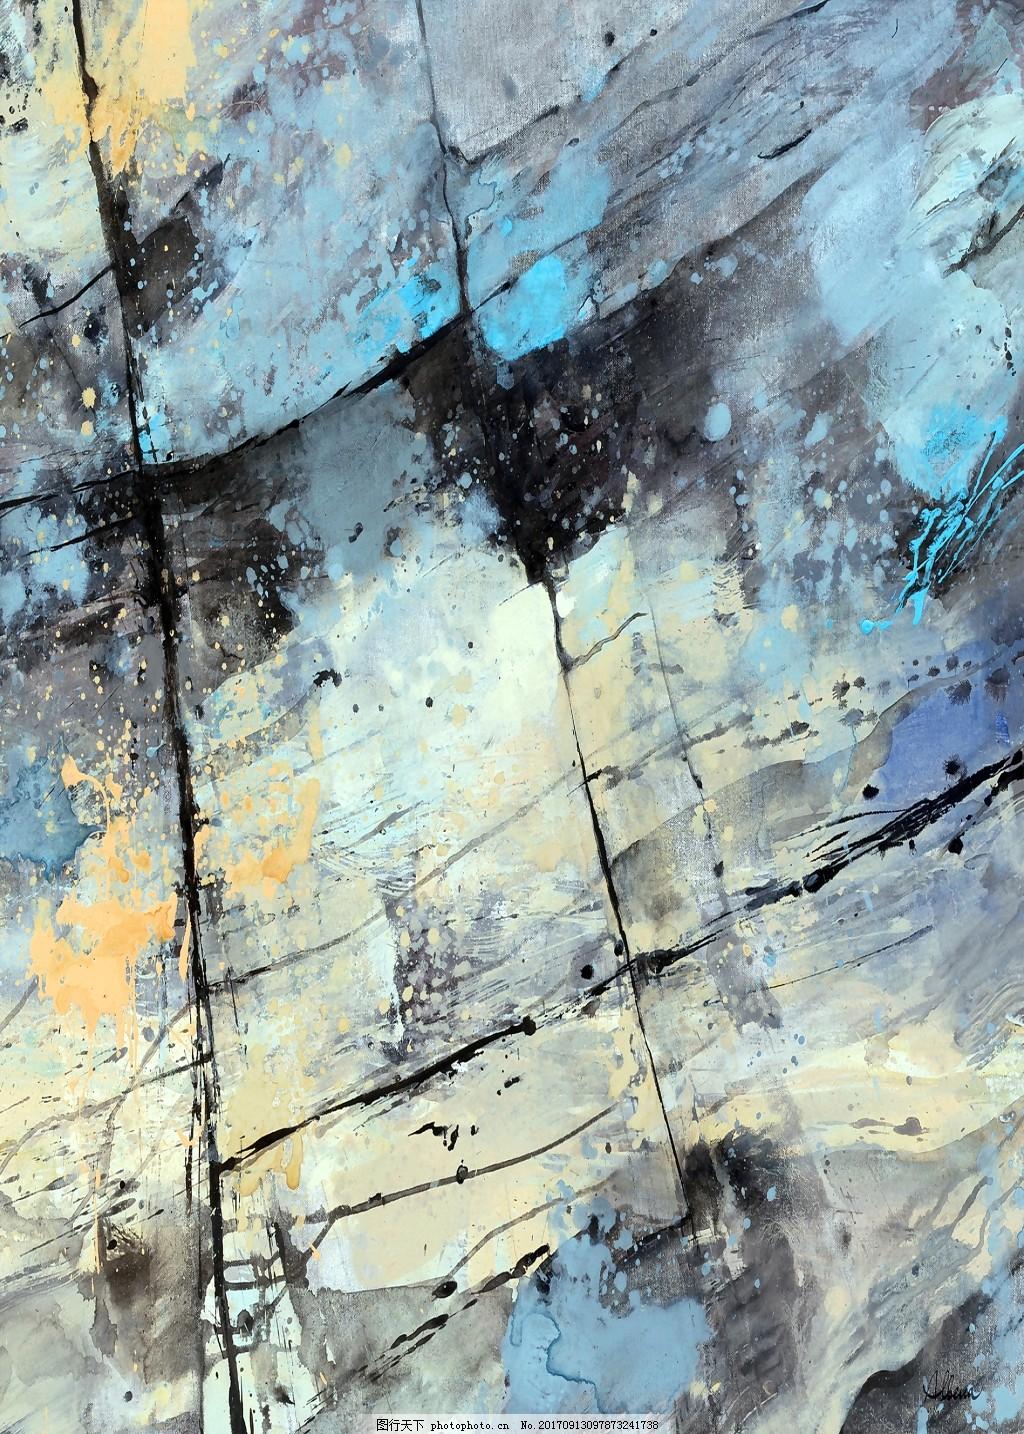 手绘彩色树叶水滴河水清澈抽象装饰画